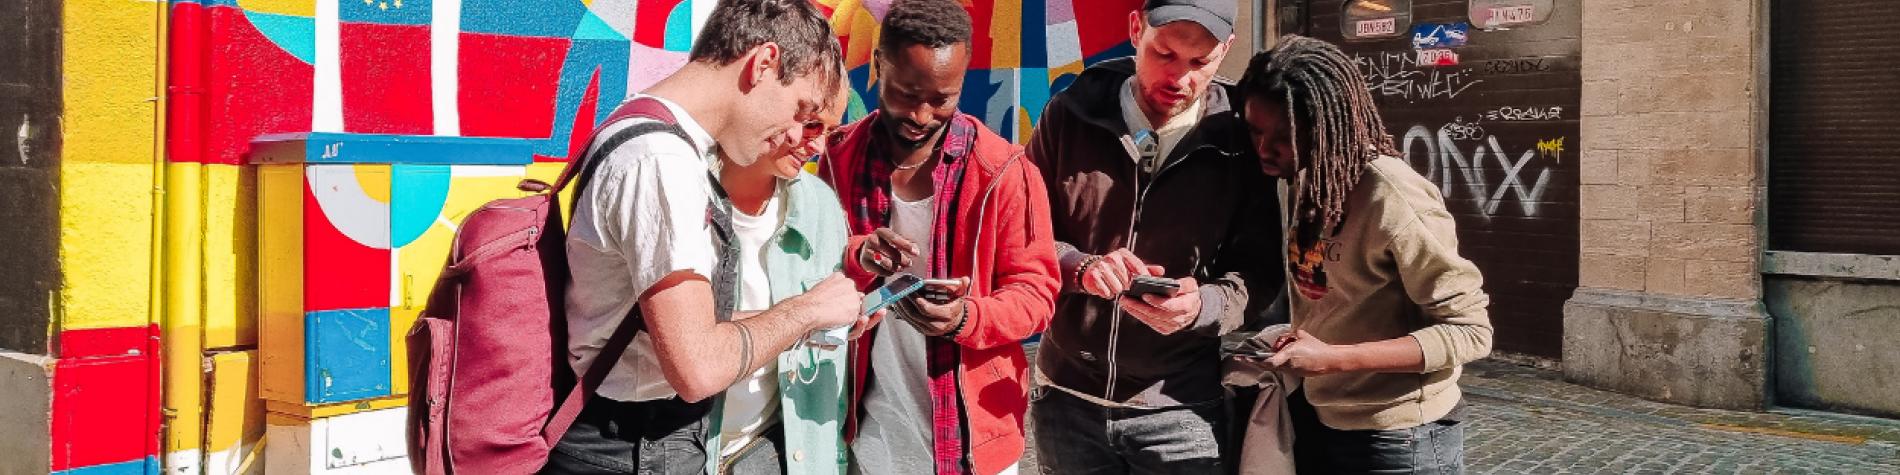 Gemotions - plateforme d'animation et de création de jeux de piste par sms - partout en Wallonie